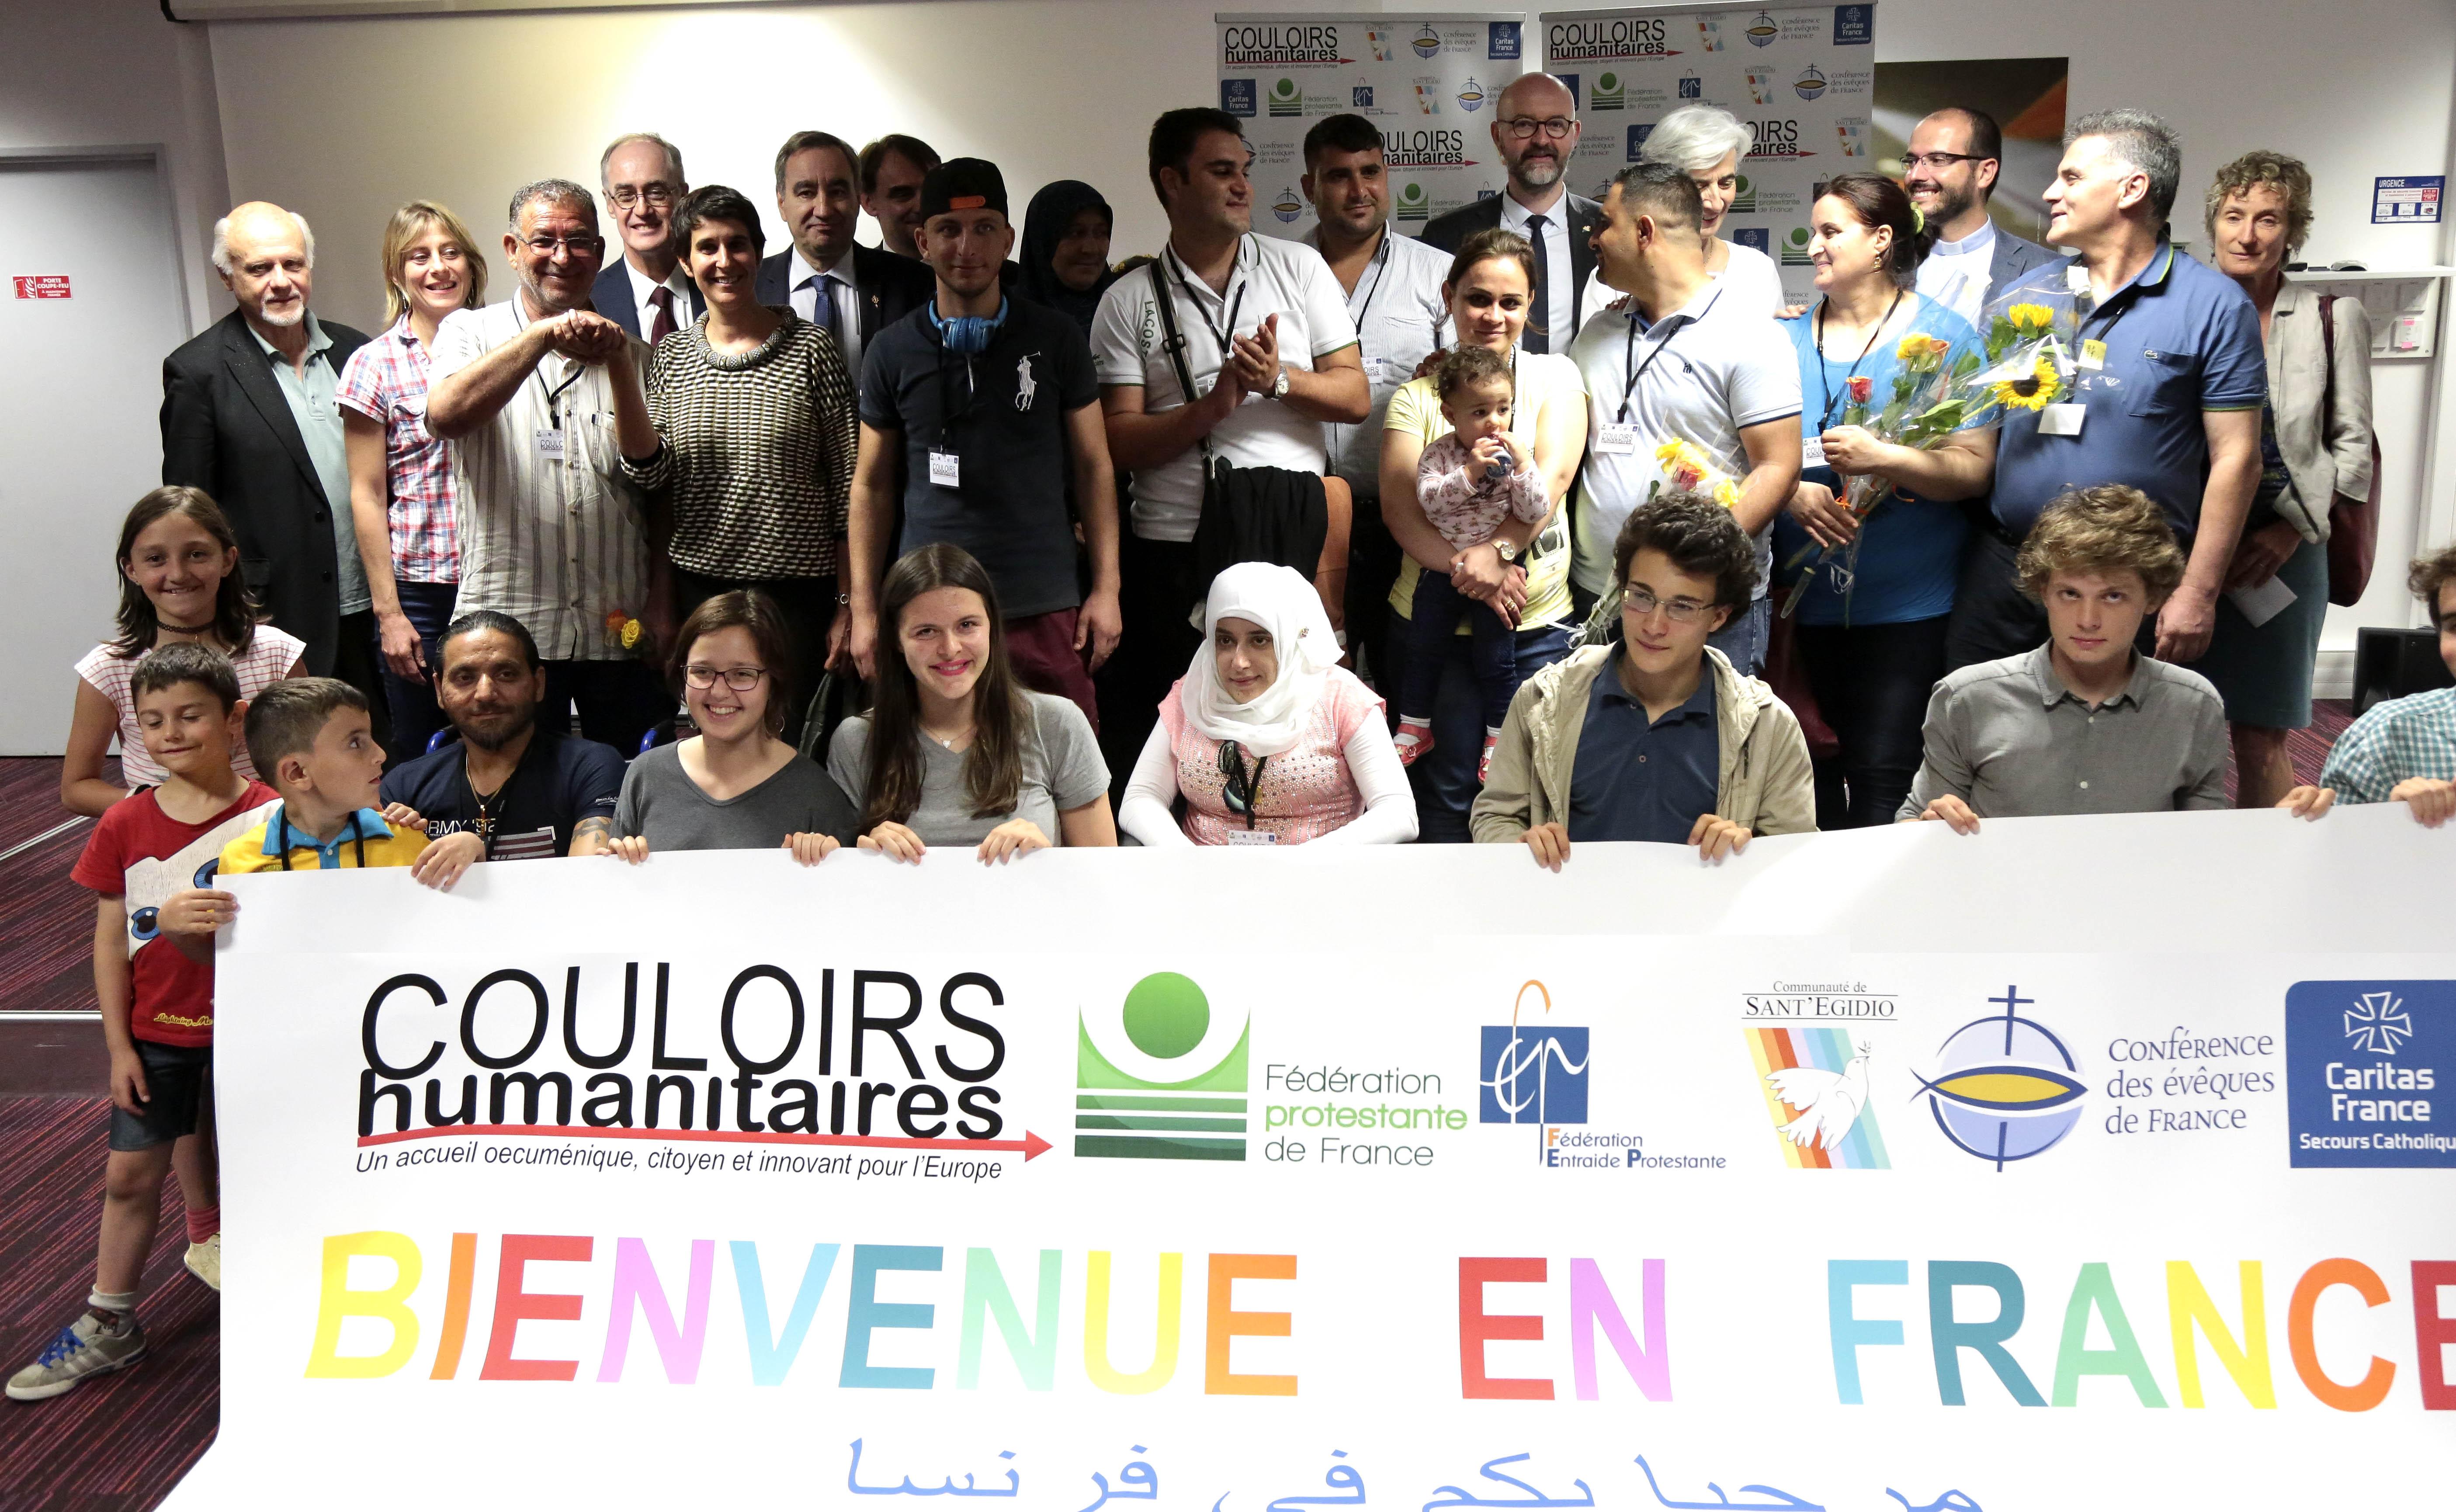 """""""Les couloirs humanitaires garantissent une approche globale, non techniciste et citoyenne. """" - Vues d'Europe"""